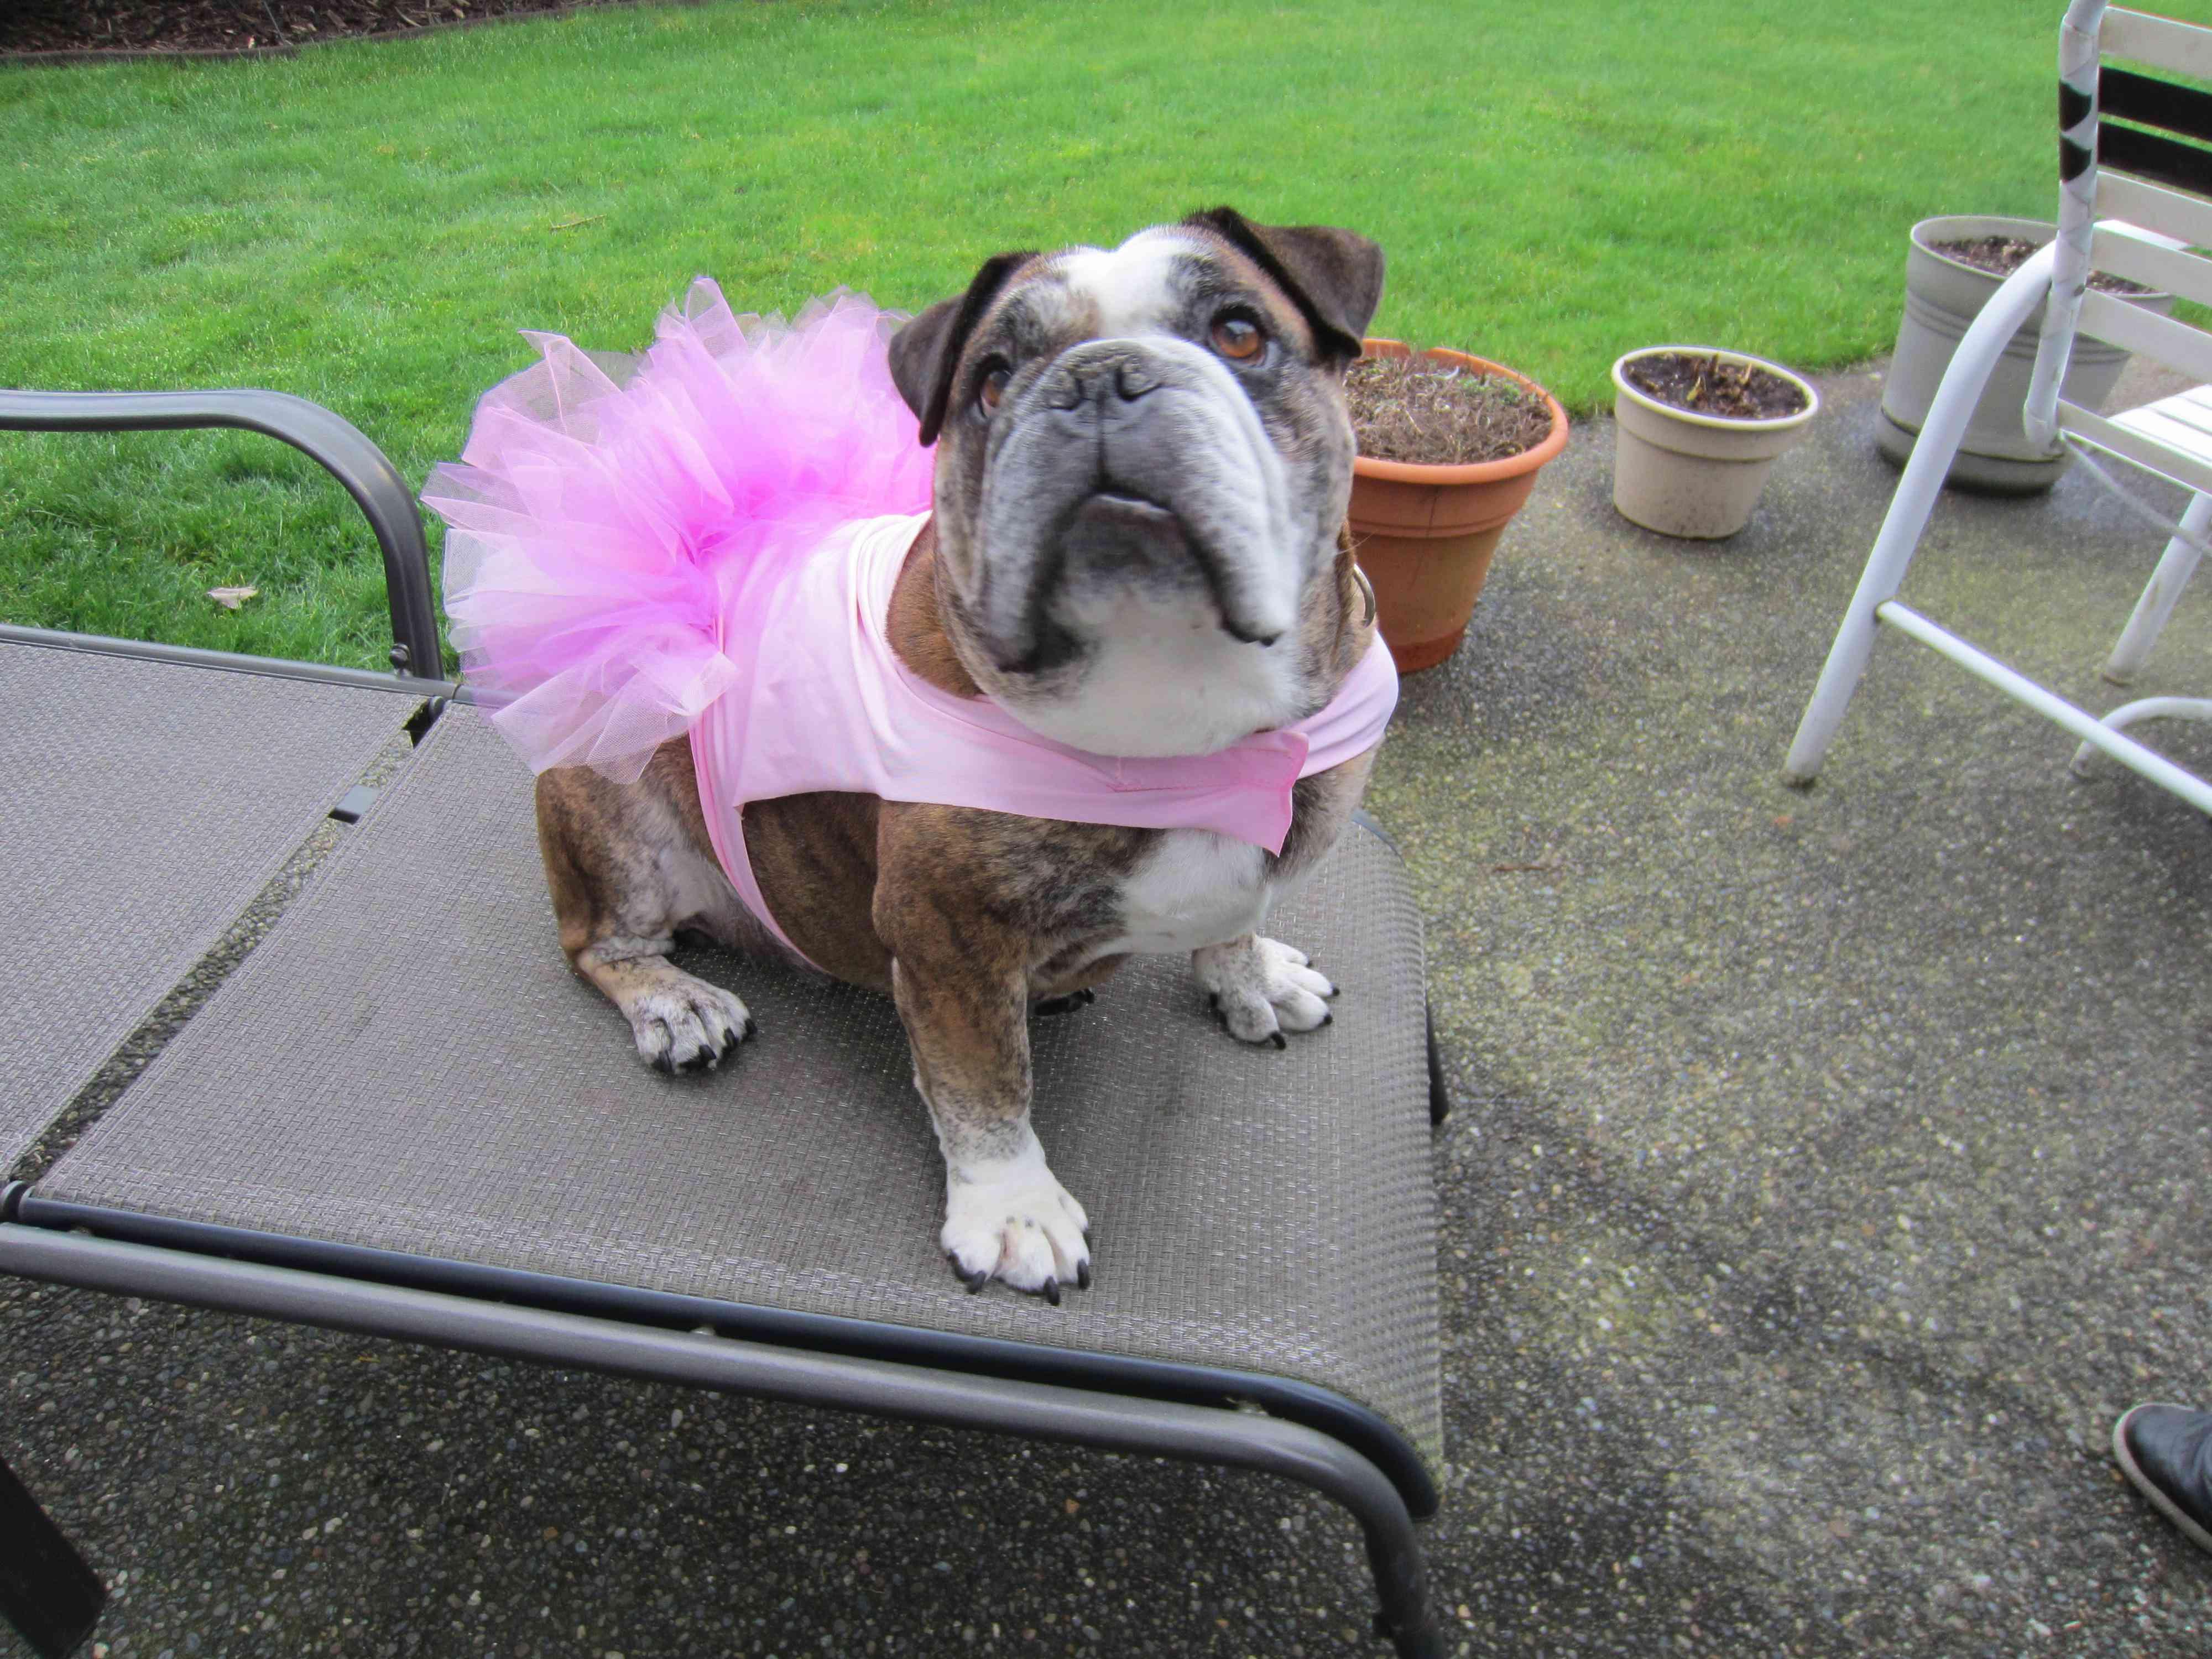 Dog dressed in a tutu